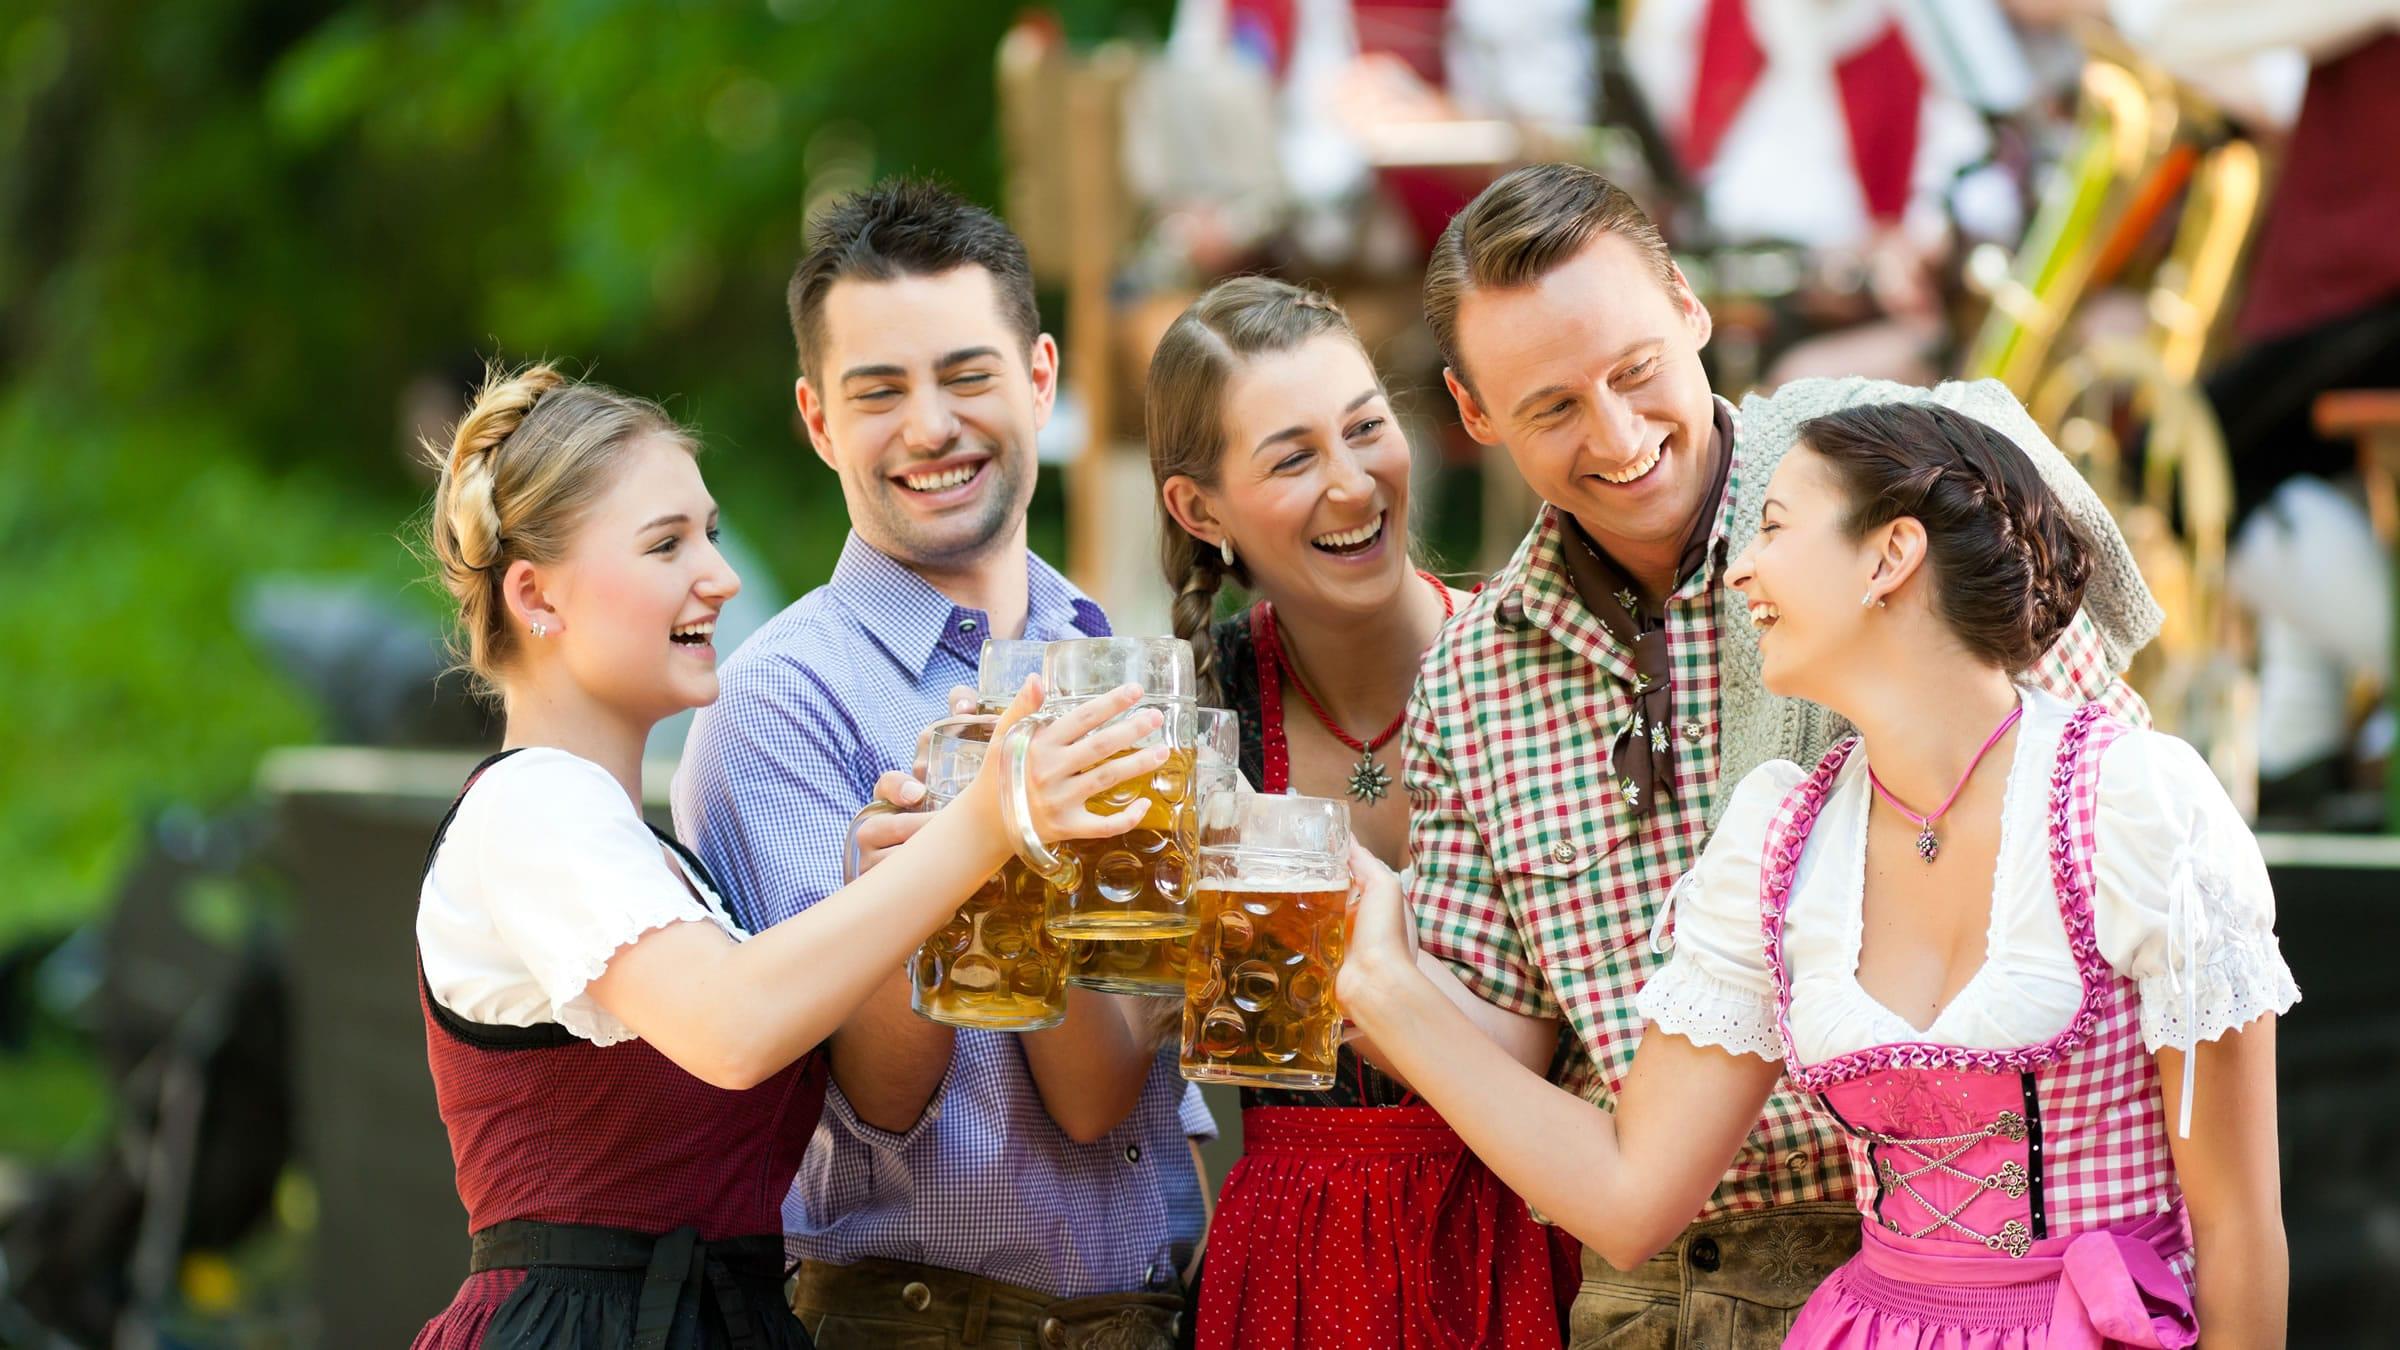 Caracteristicas de la Cultura Alemana: